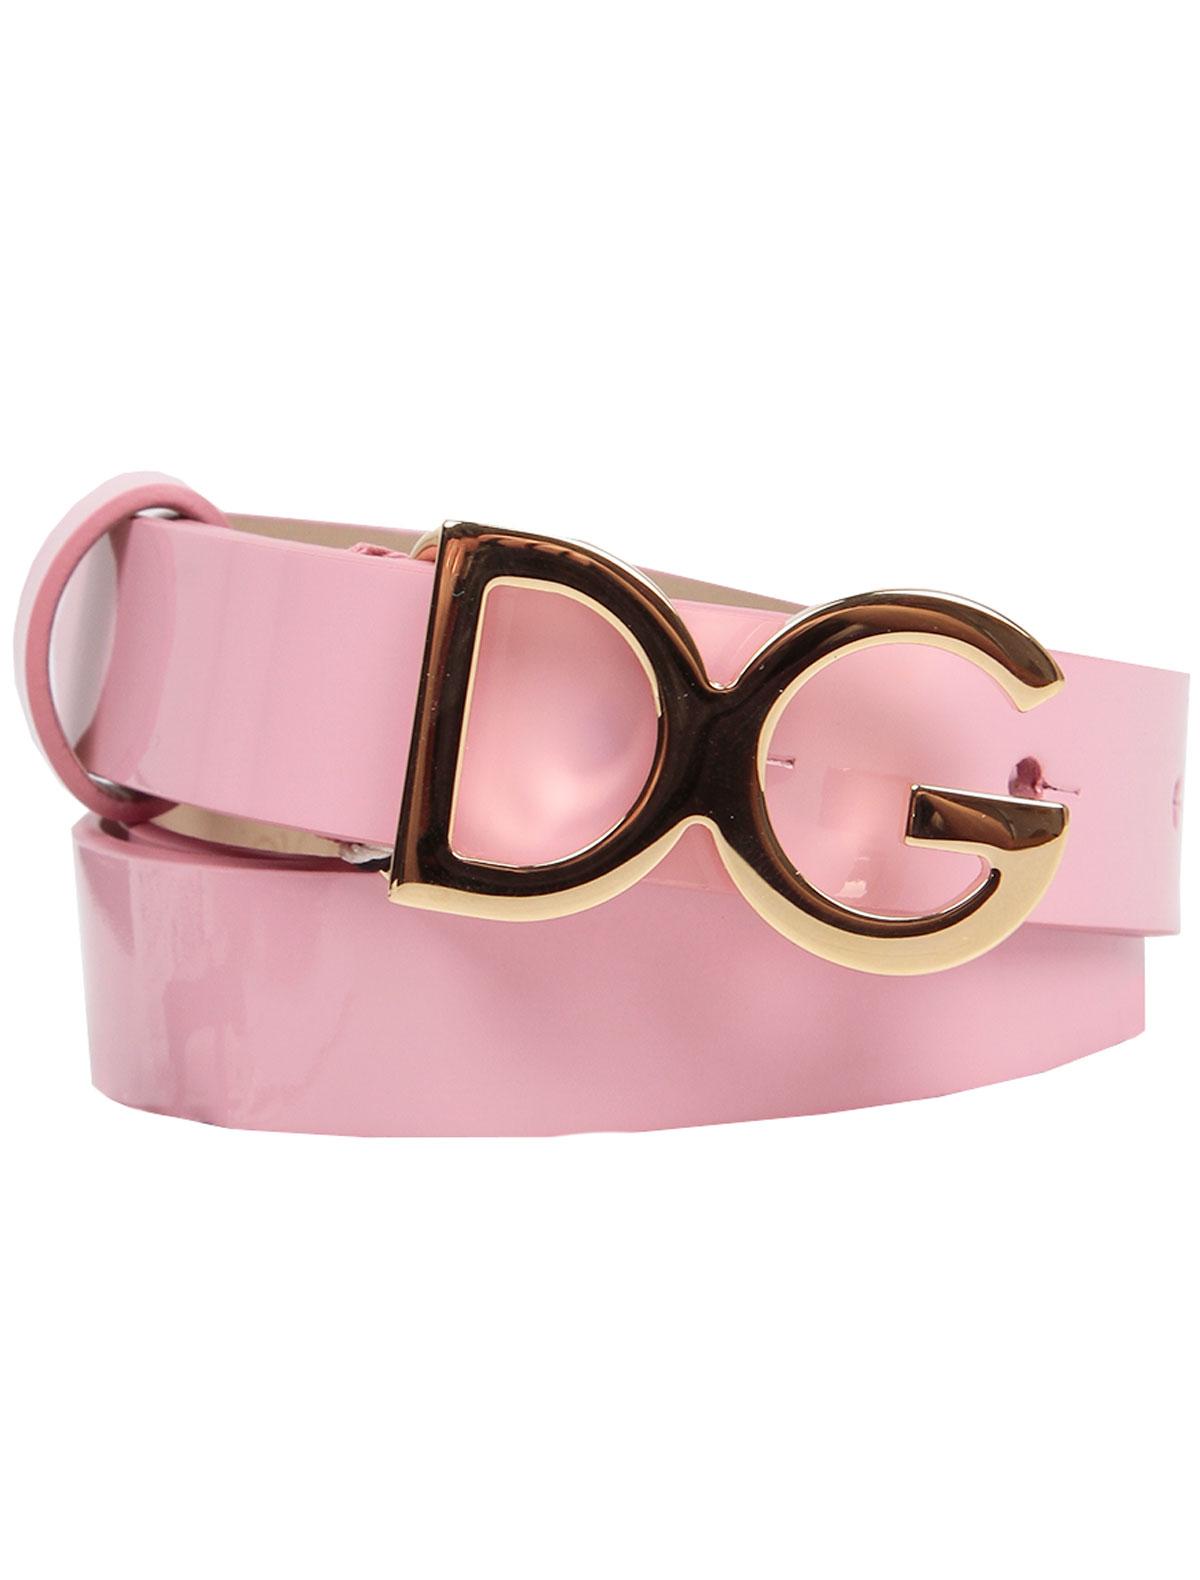 Ремень Dolce & Gabbana розового цвета